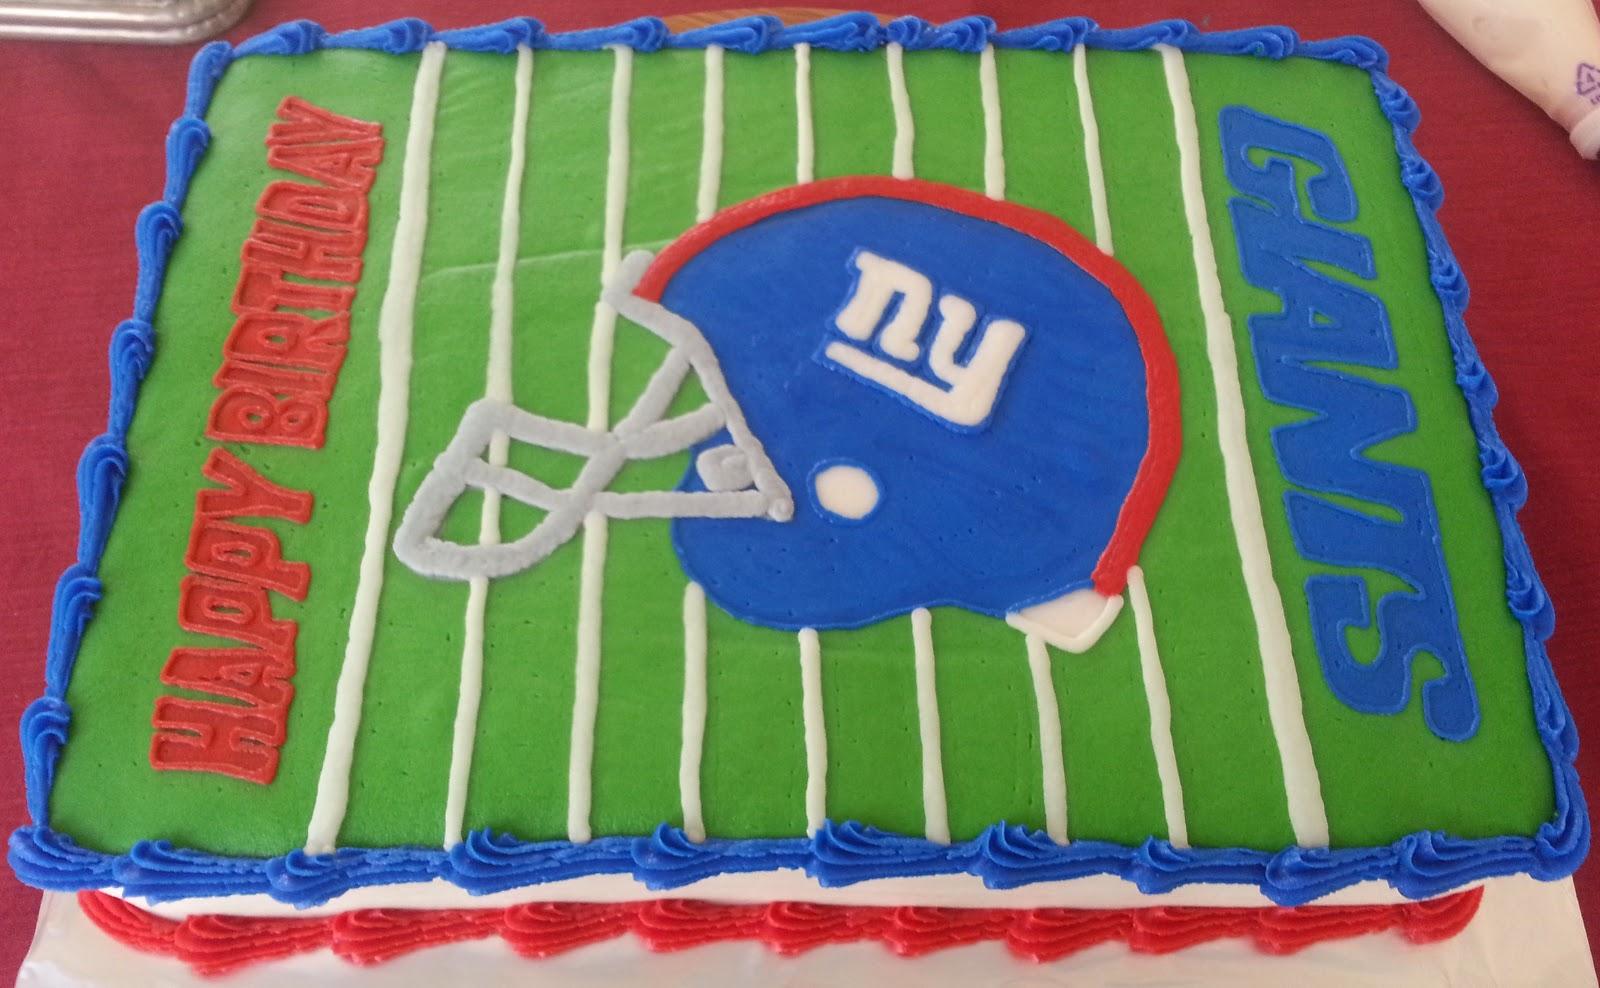 Ny Giants Happy Birthday Cake Cake Recipe